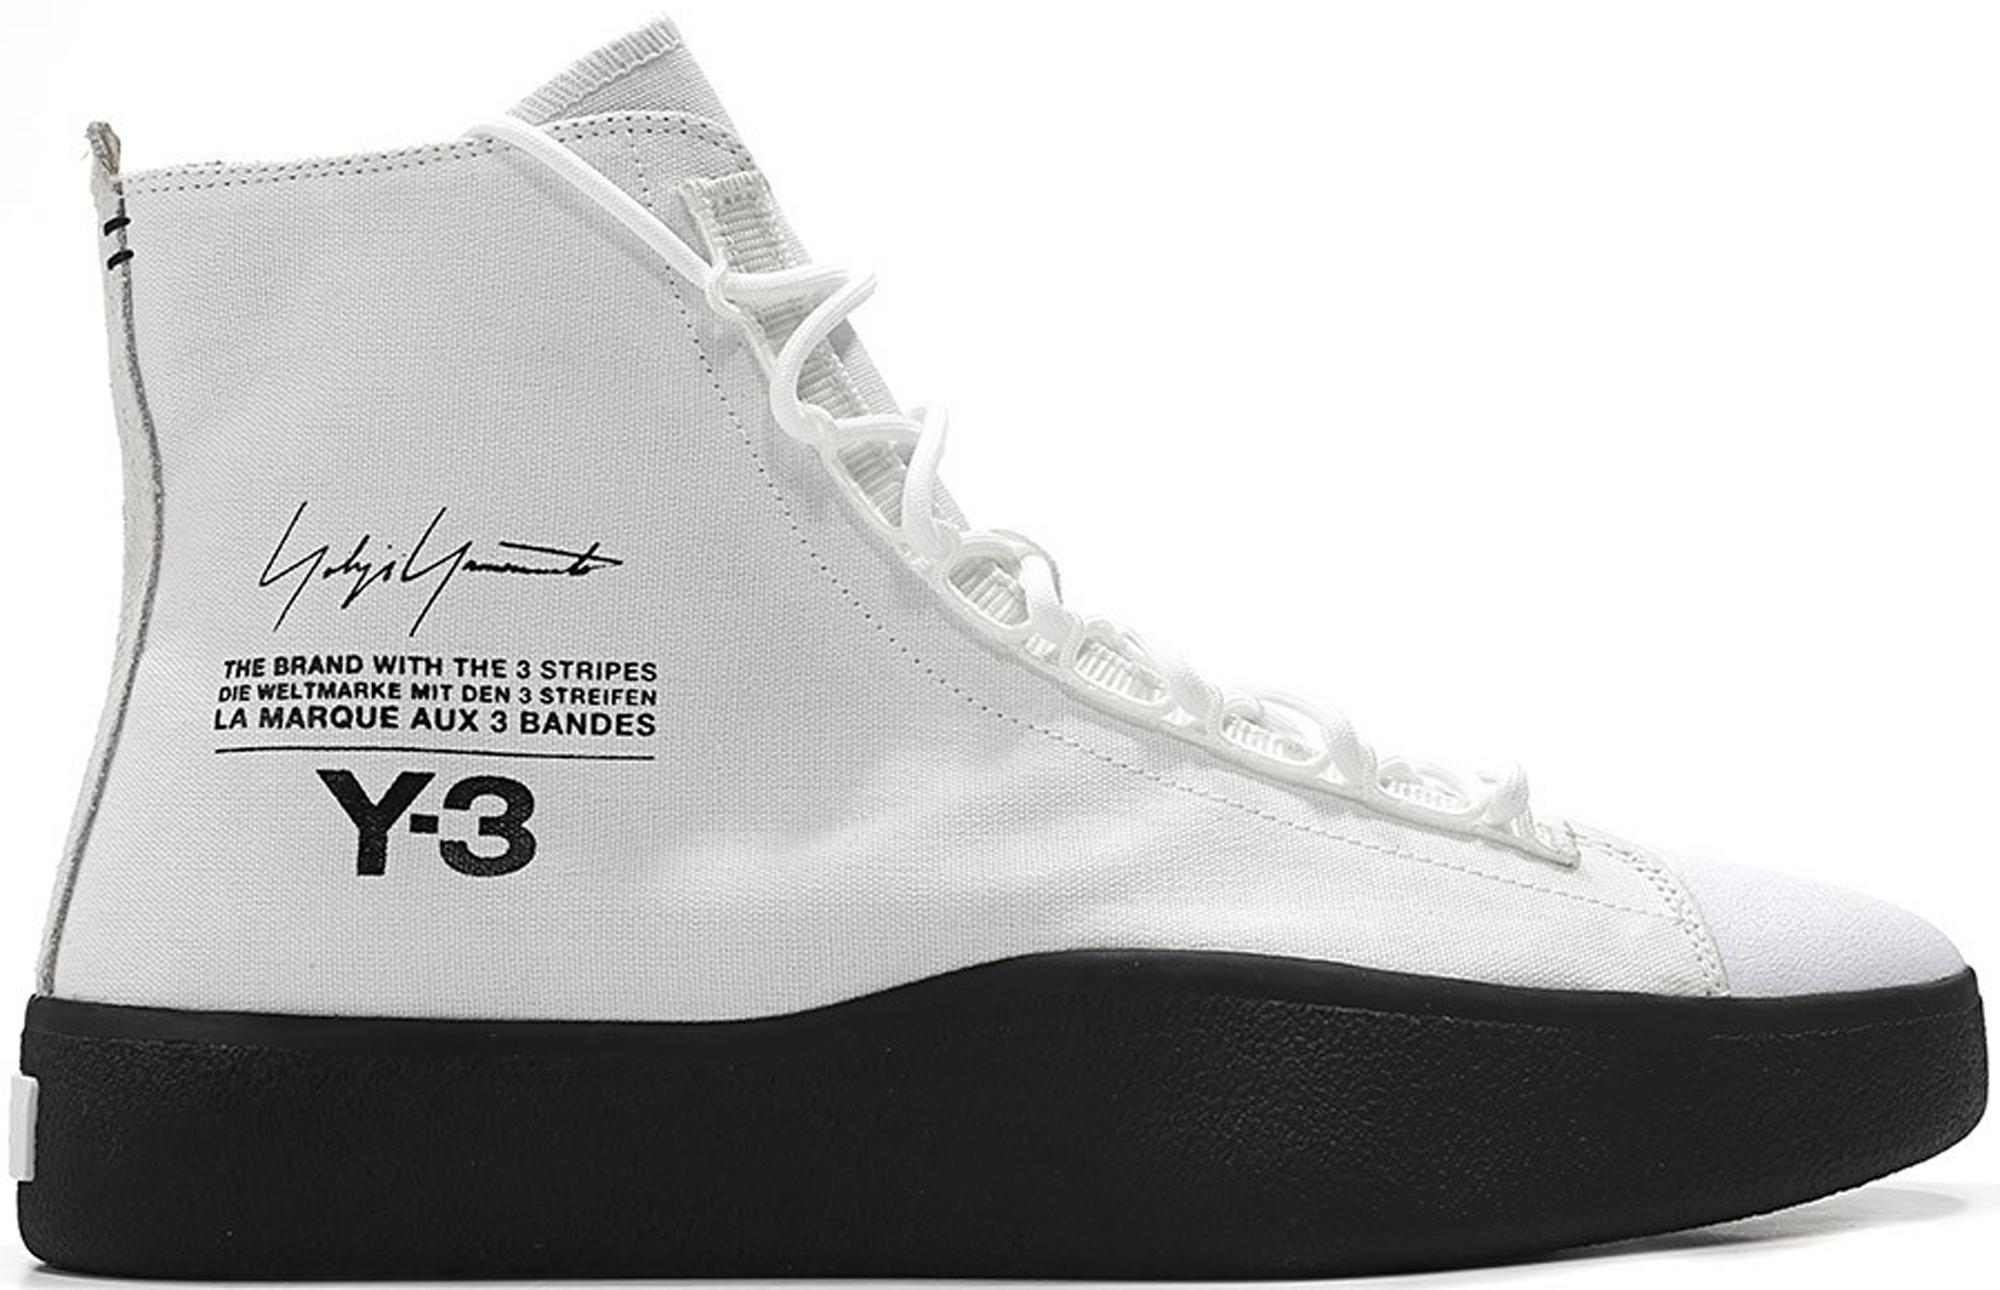 adidas Y-3 Bashyo White Black - AC7518